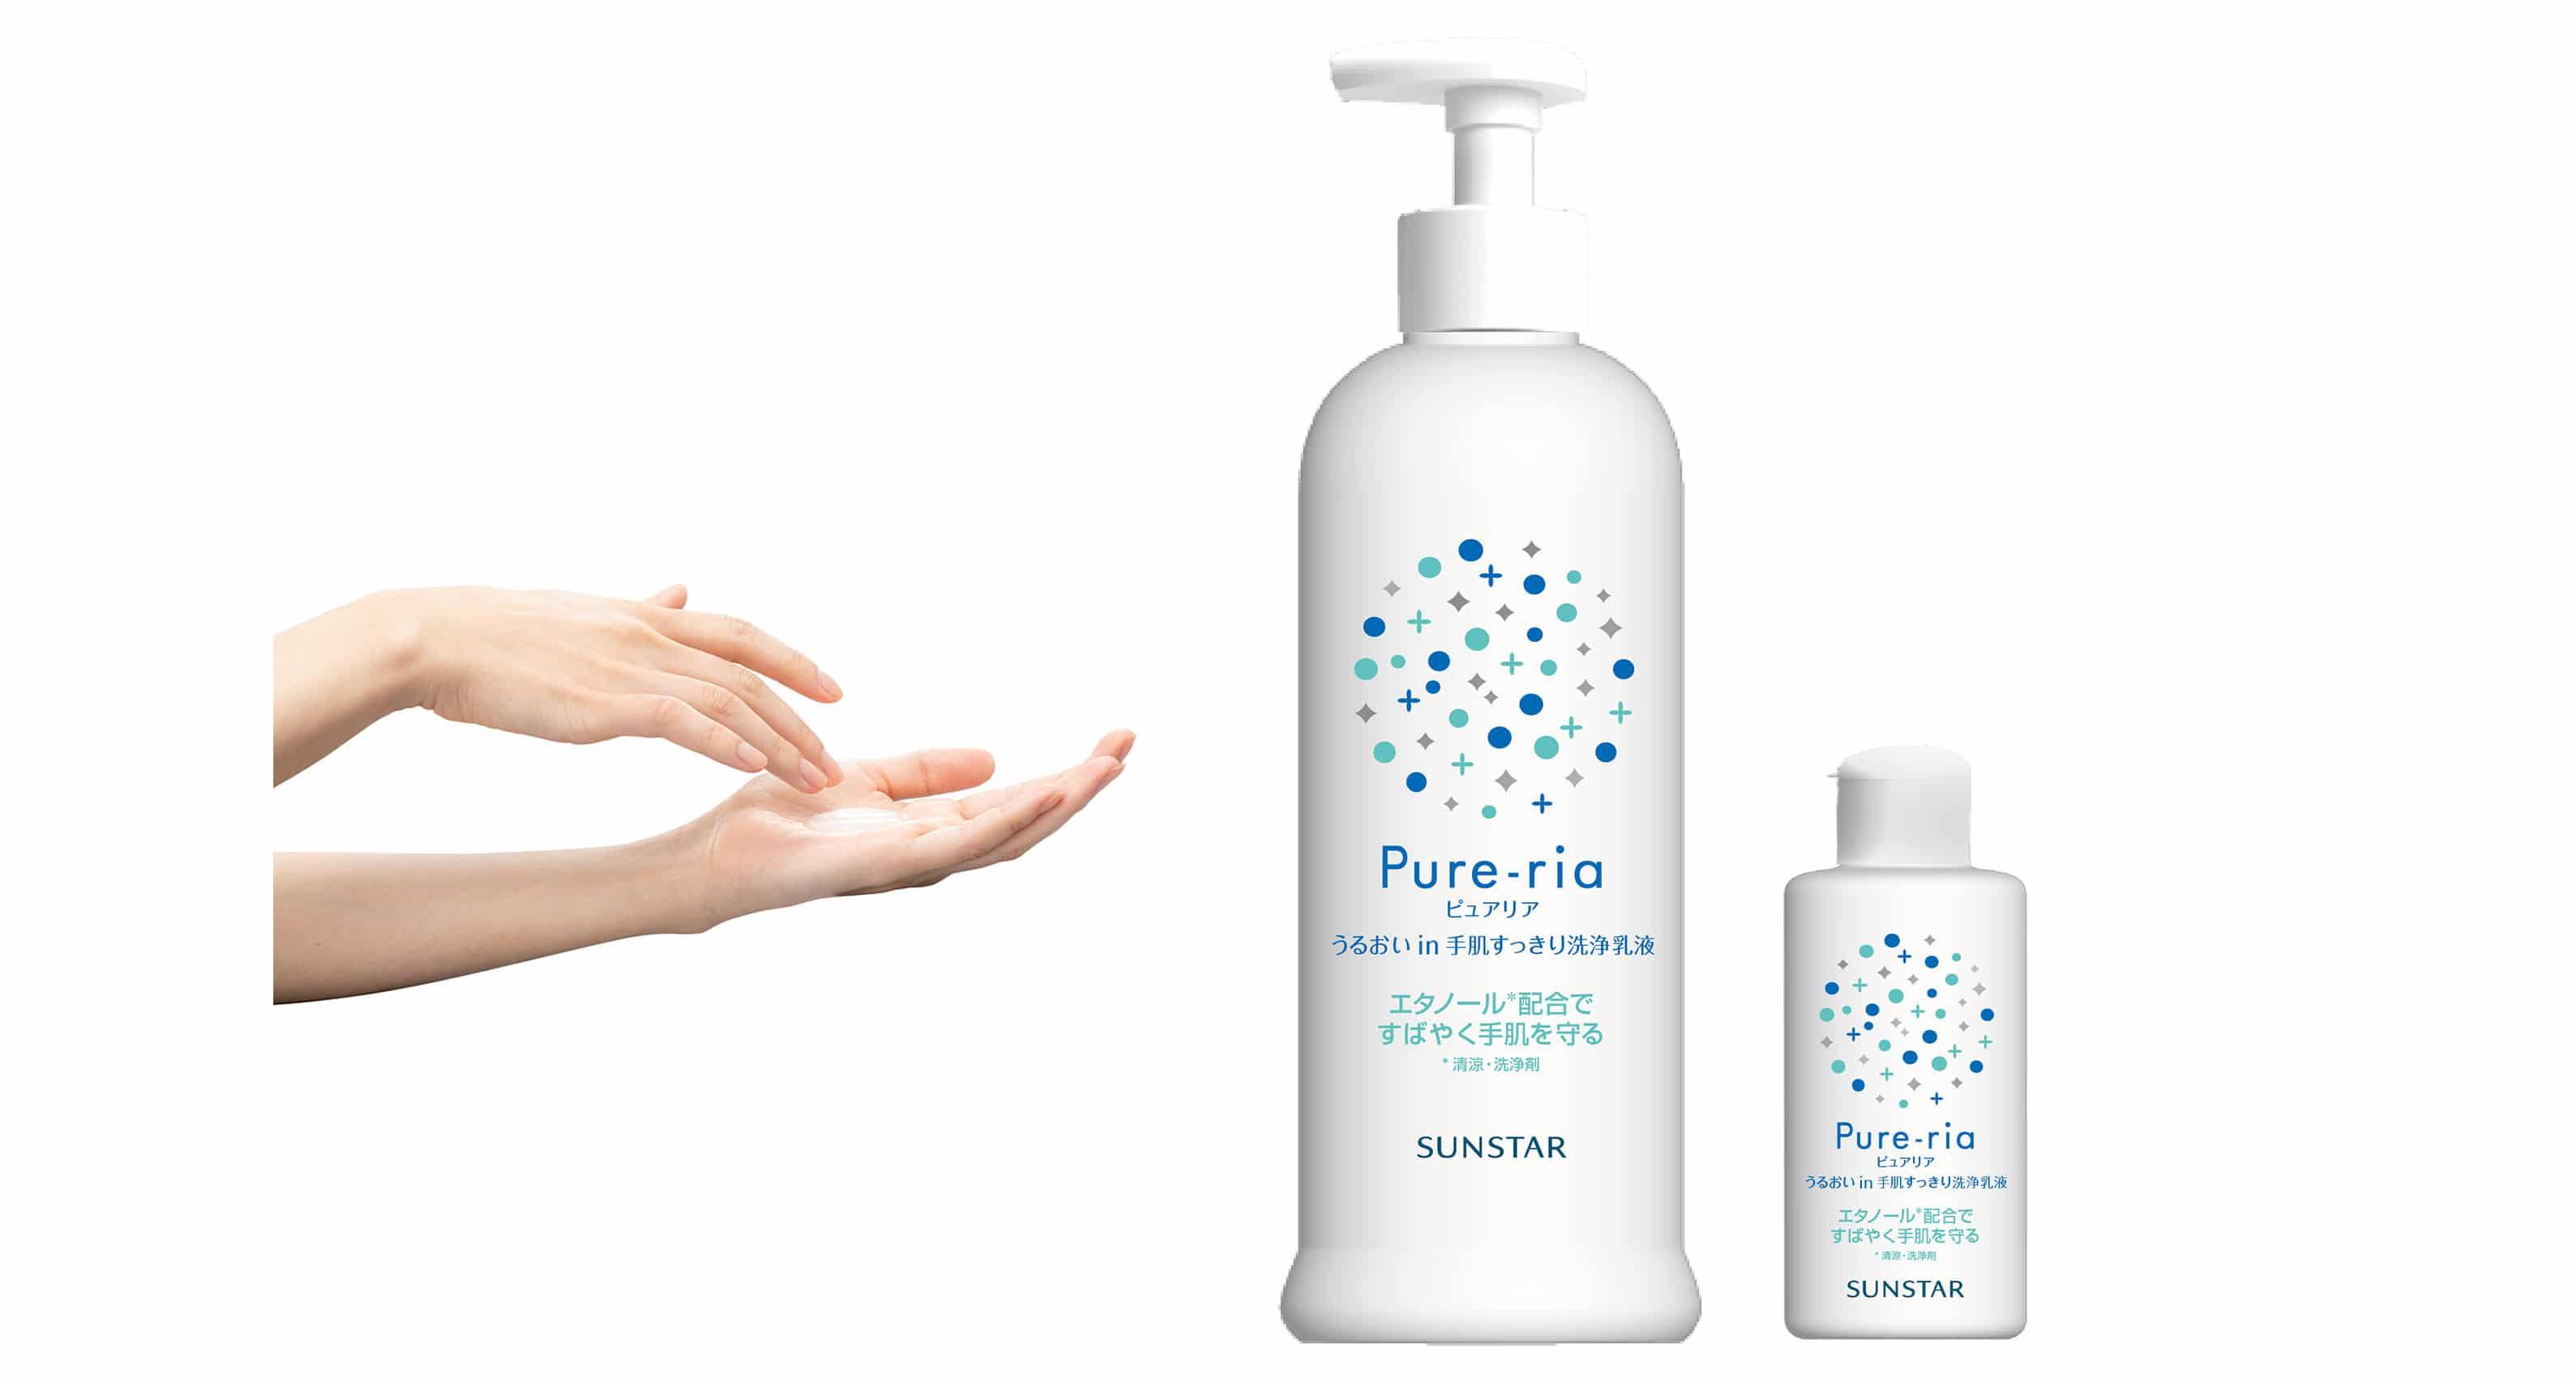 70%エタノールとオリーブ果実油配合で、手肌を清潔に保湿する 「ピュアリア うるおいin手肌すっきり洗浄乳液」新発売 <br><sup>~新しい生活様式で大切な家族を守る~ </sup>